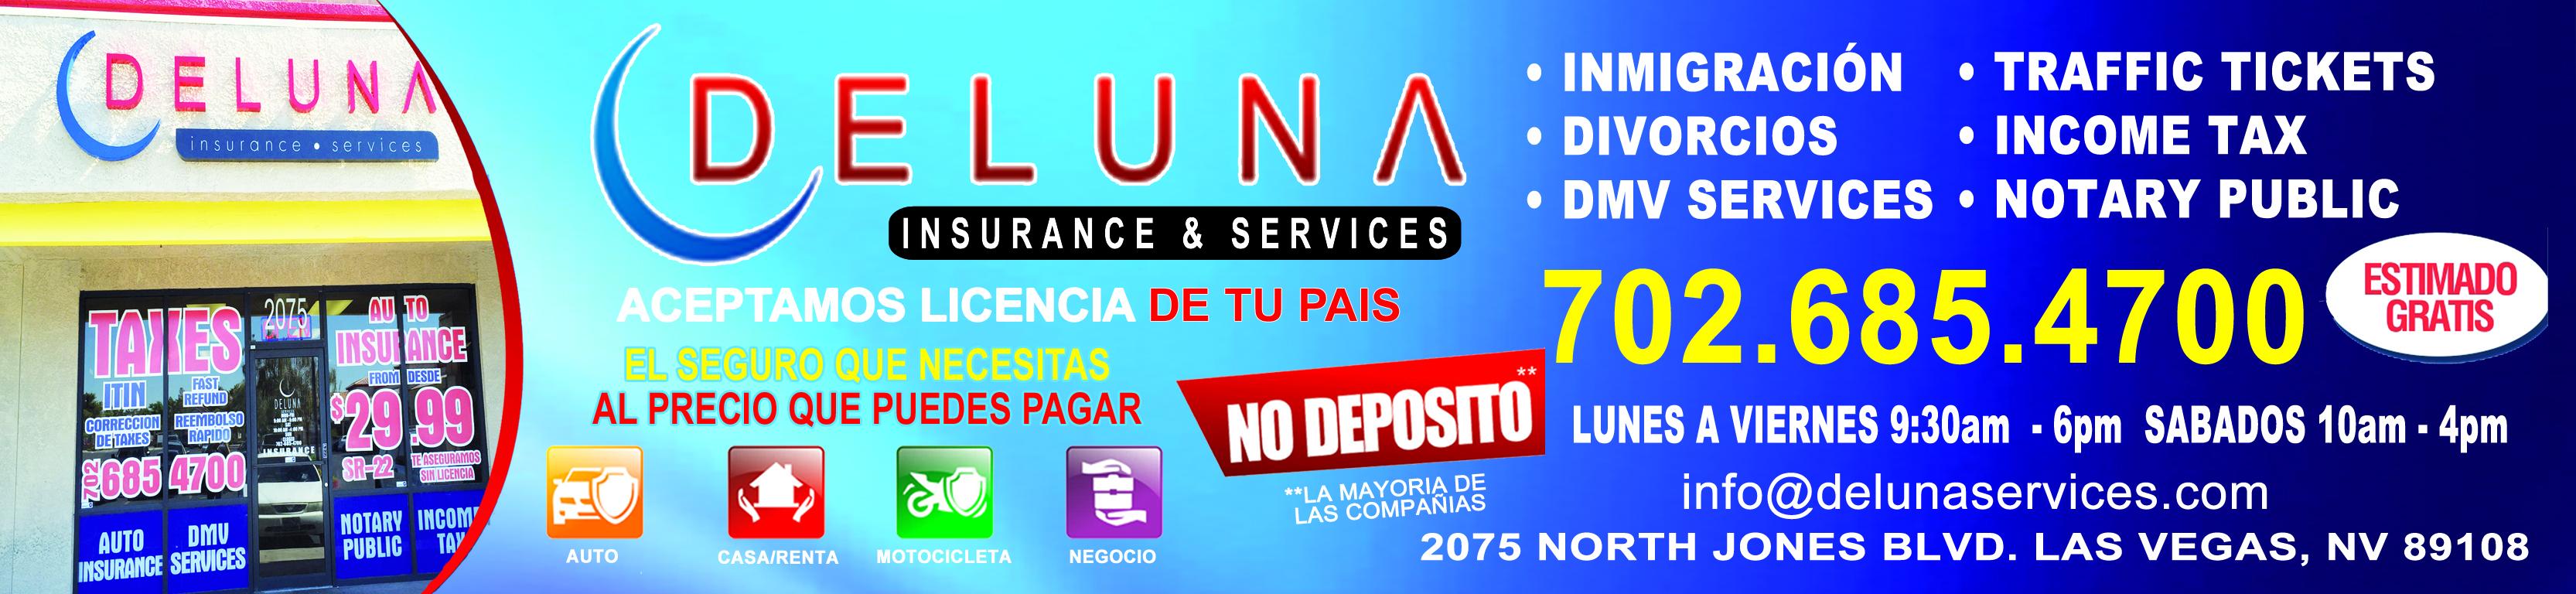 http://www.solo-ofertas-usa.com/wp-content/uploads/2016/01/DELUNAS.jpg